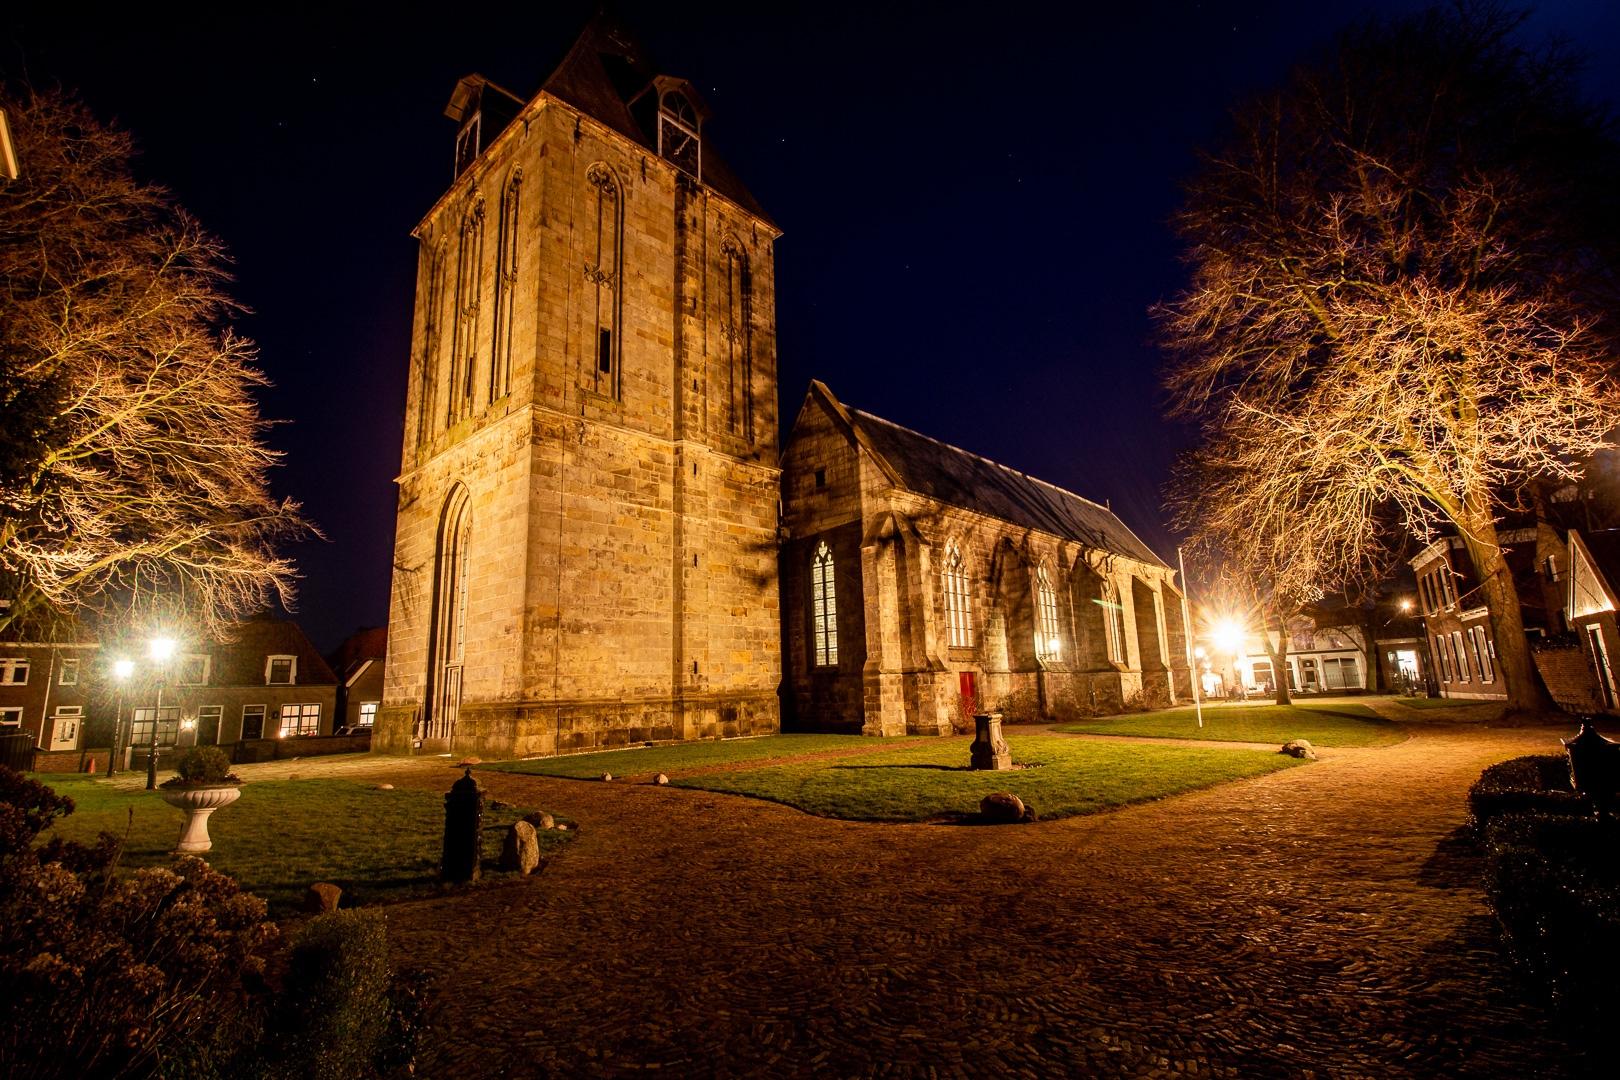 Lednovate Oude Blasius Kerk Delden 1 - Oude Blasisus Kerk